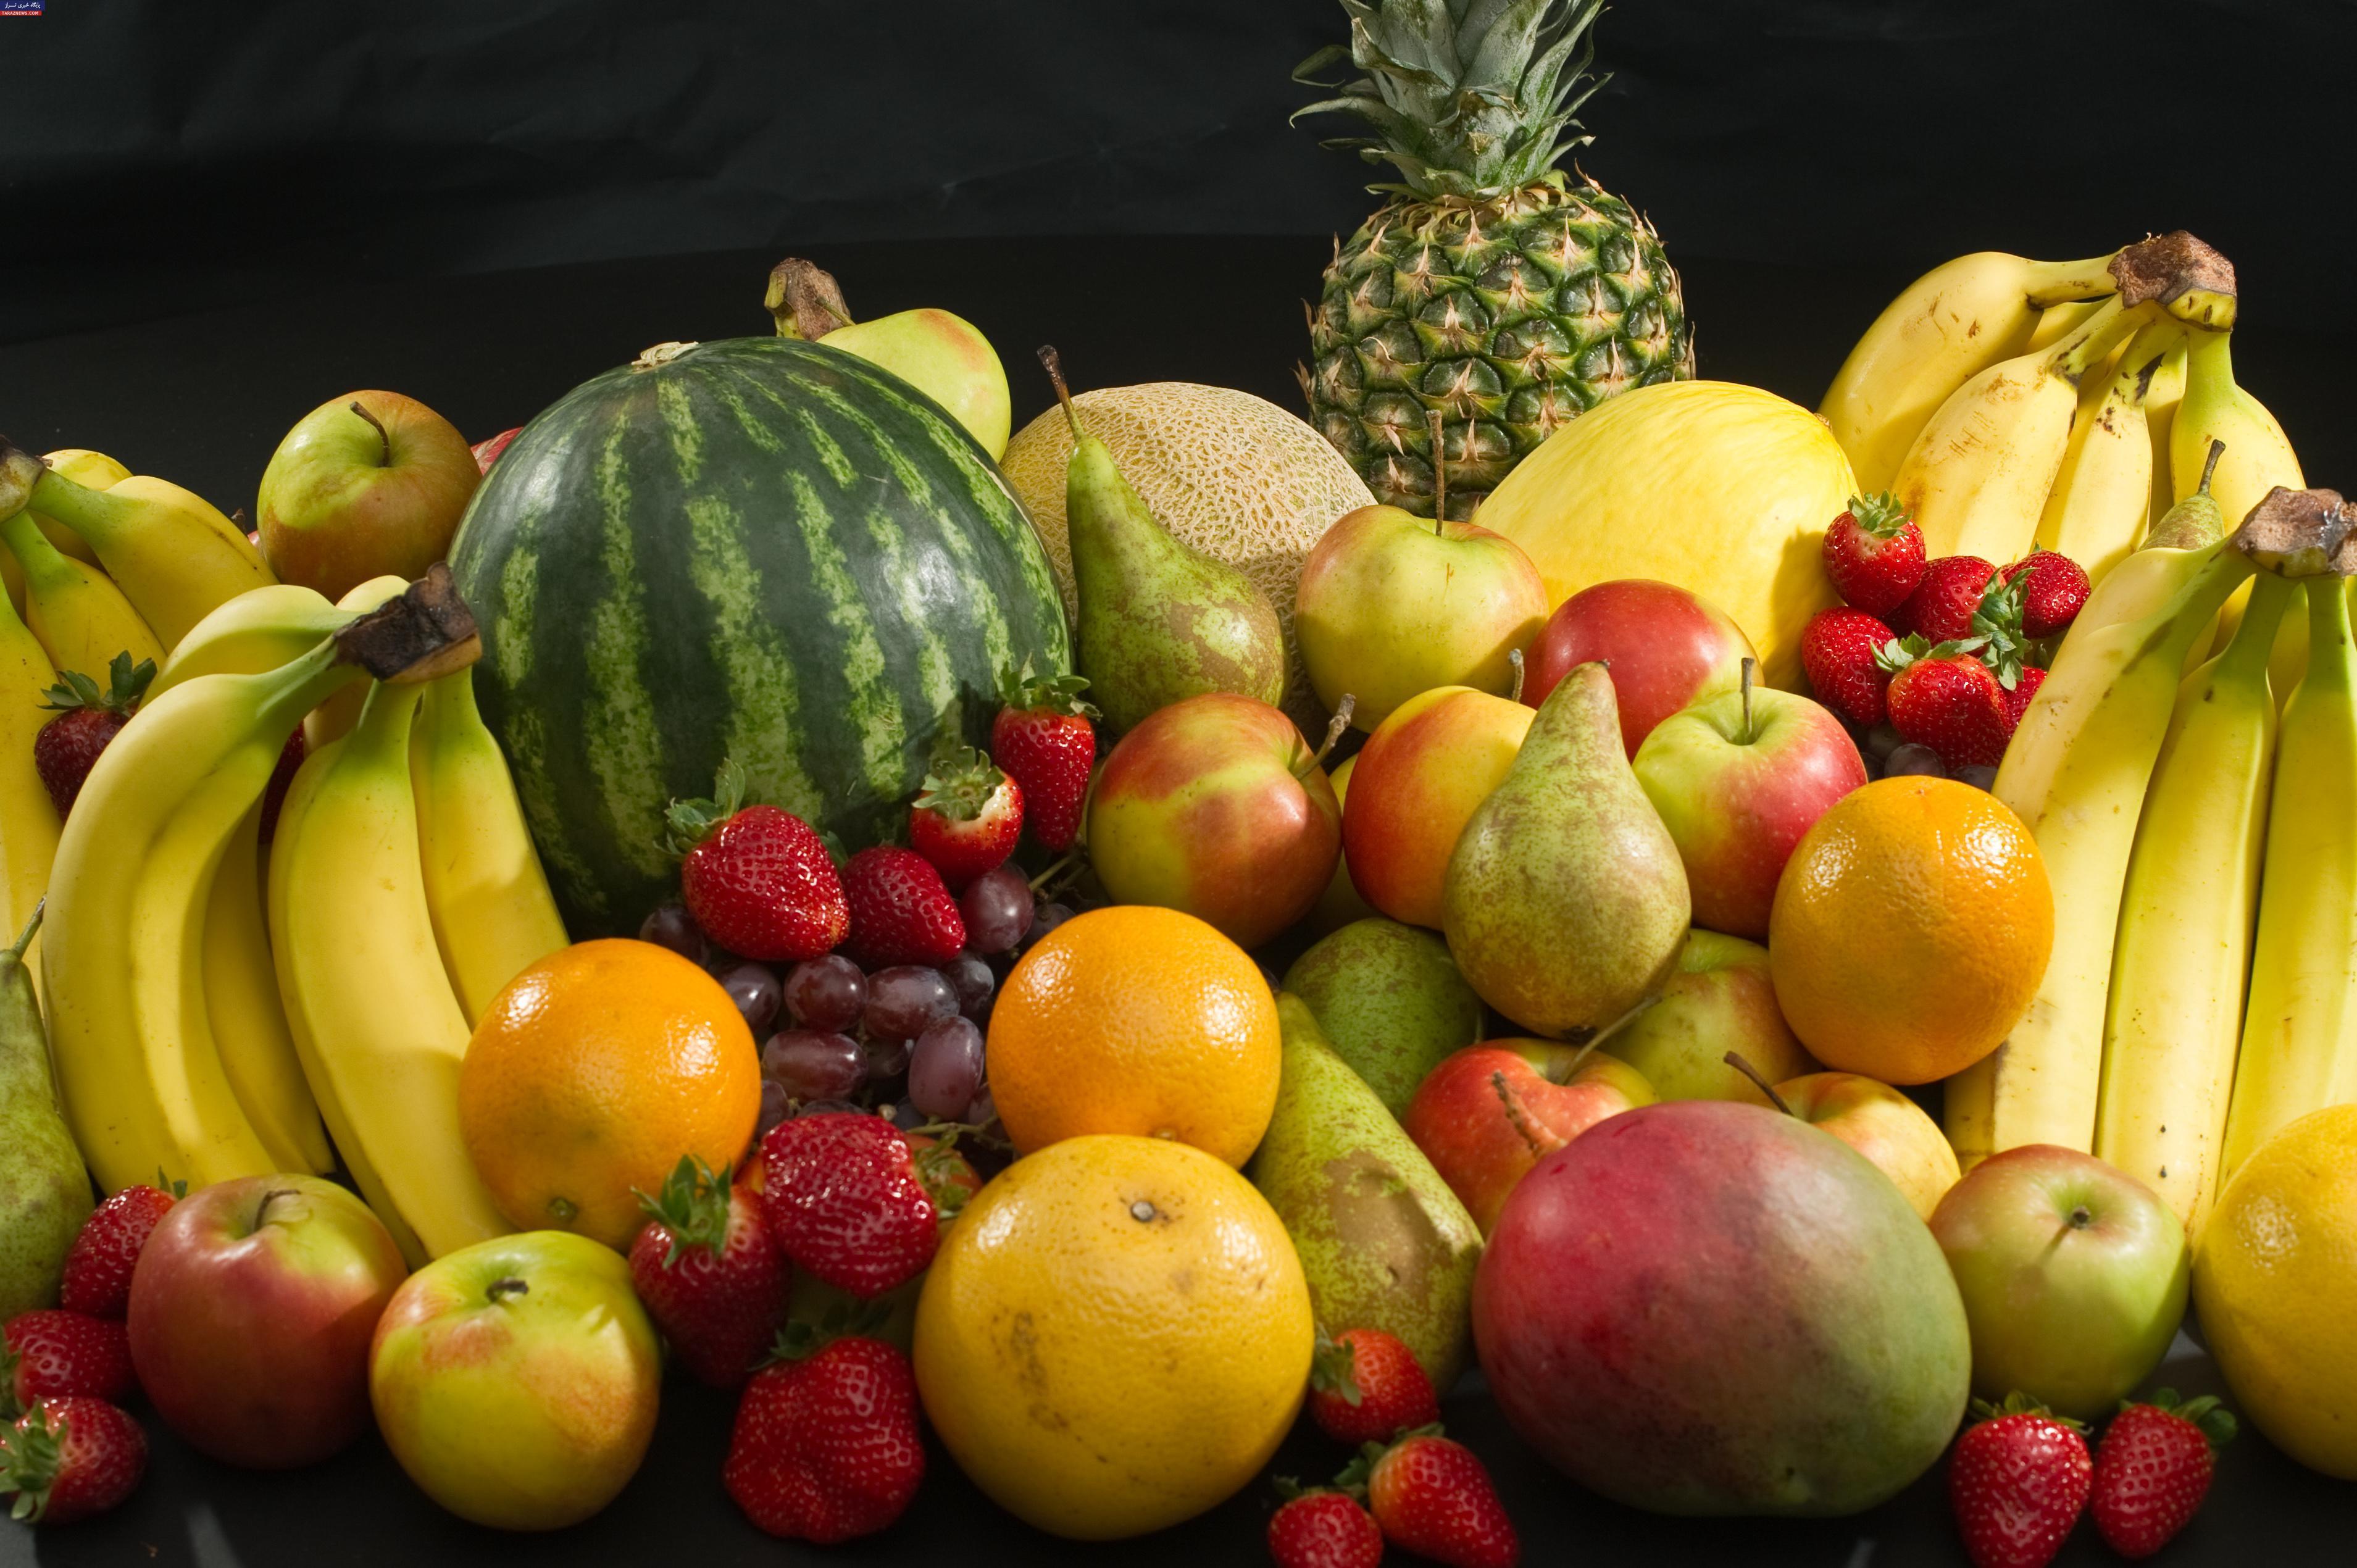 بهترین میوه برای بدنسازان